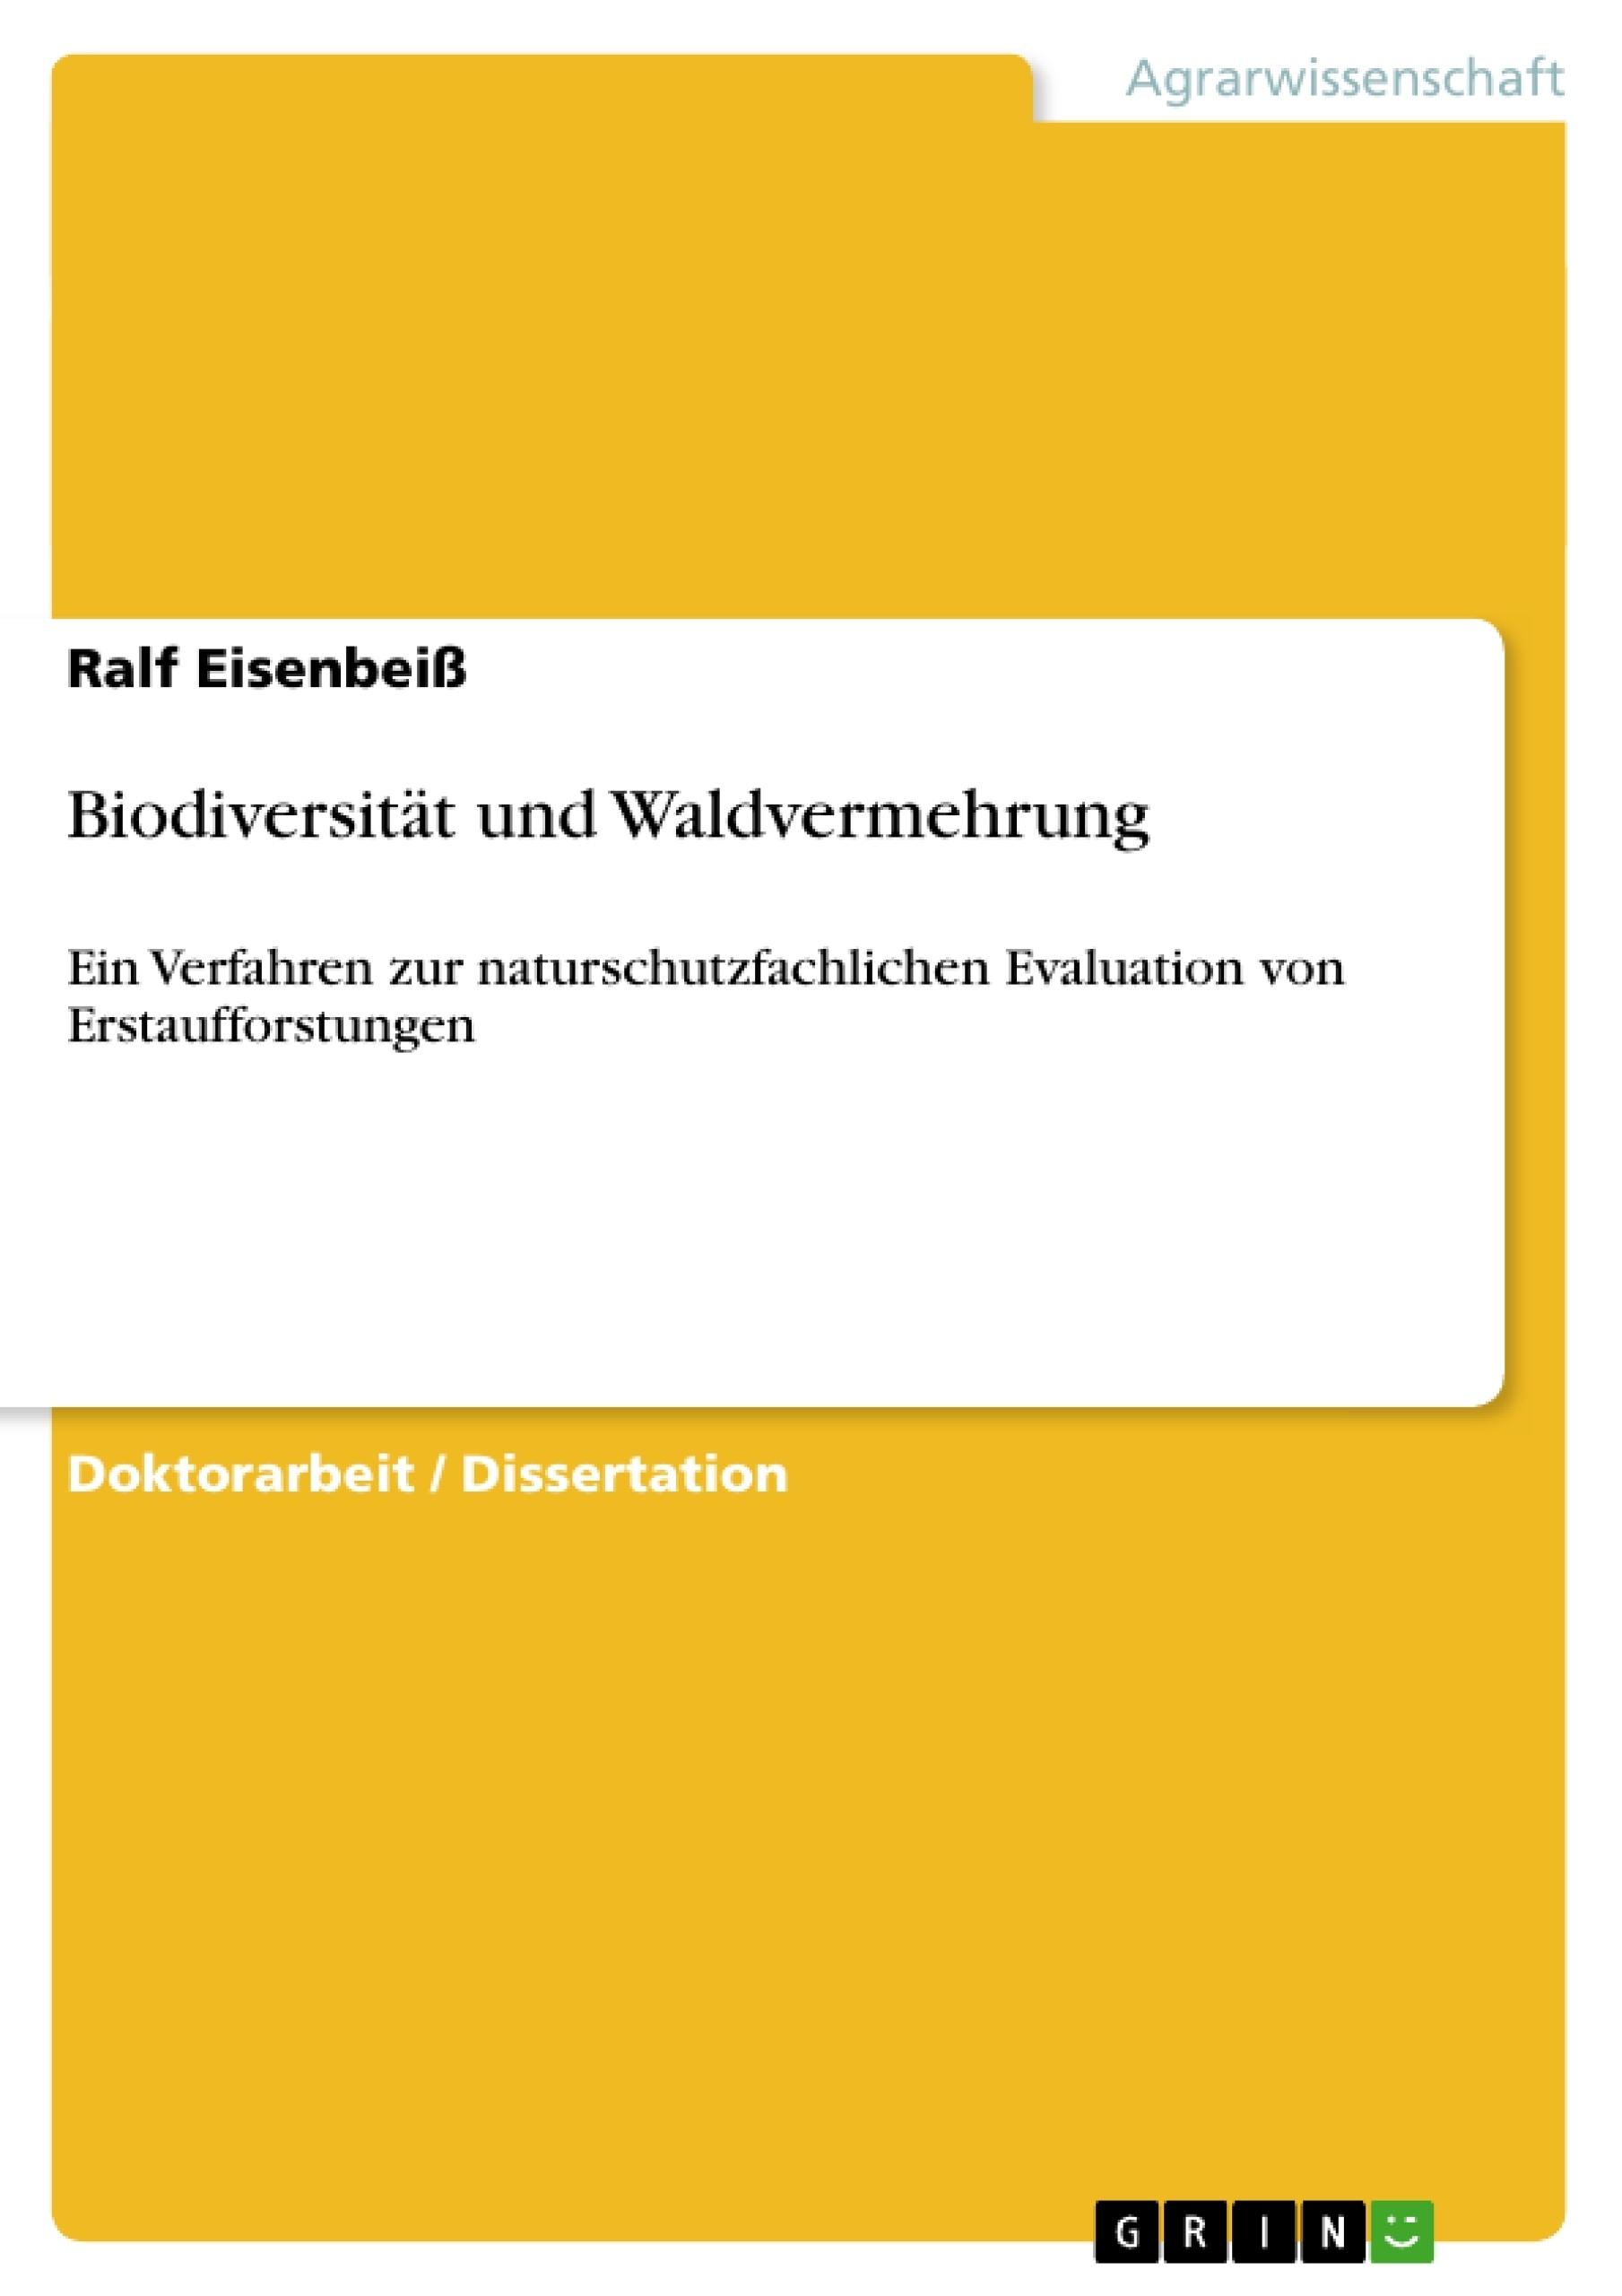 Titel: Biodiversität und Waldvermehrung